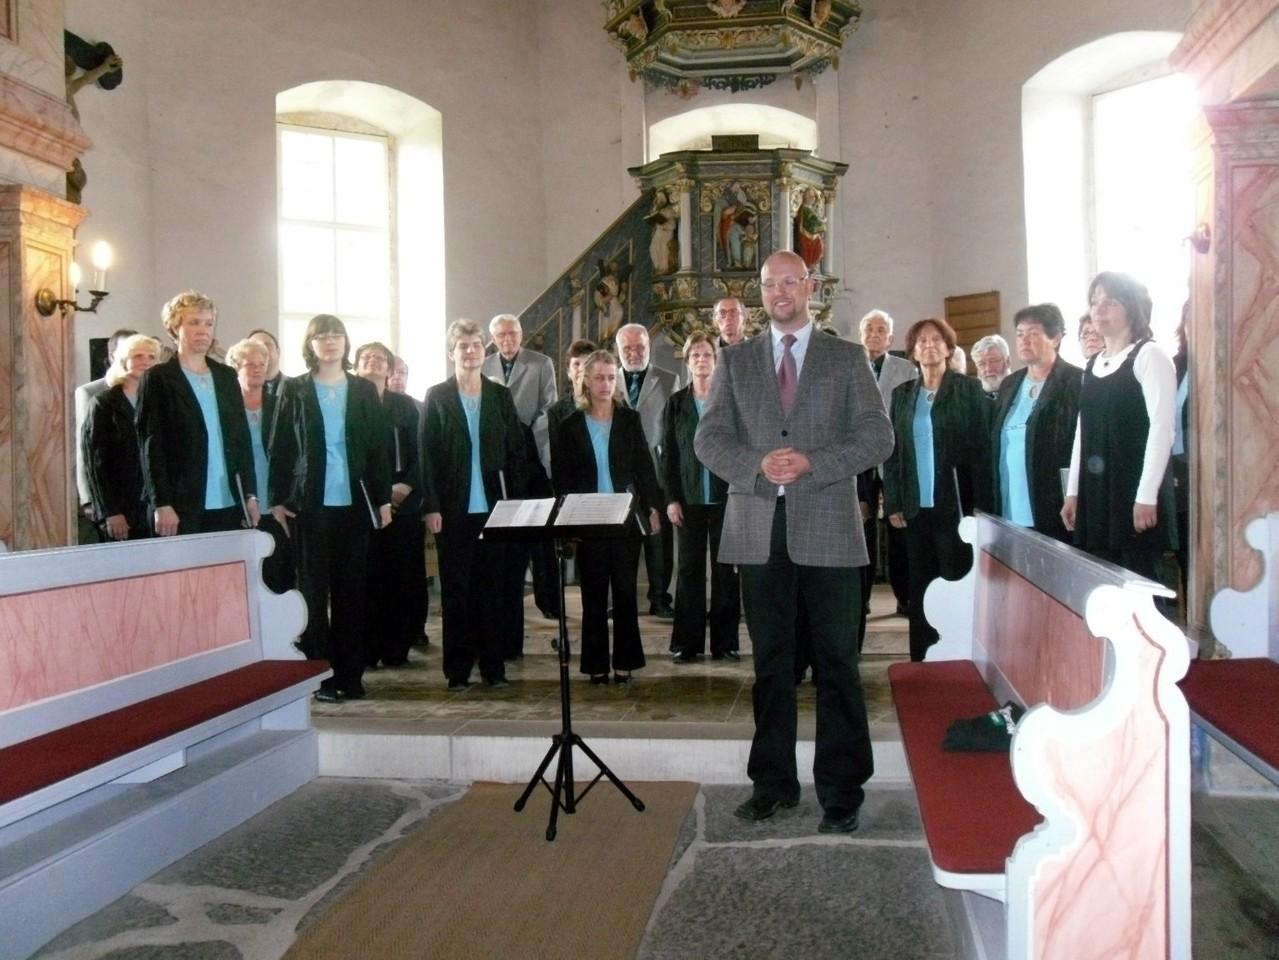 Pfarrer Reinhardt übernimmt die Begrüßung der Gäste...